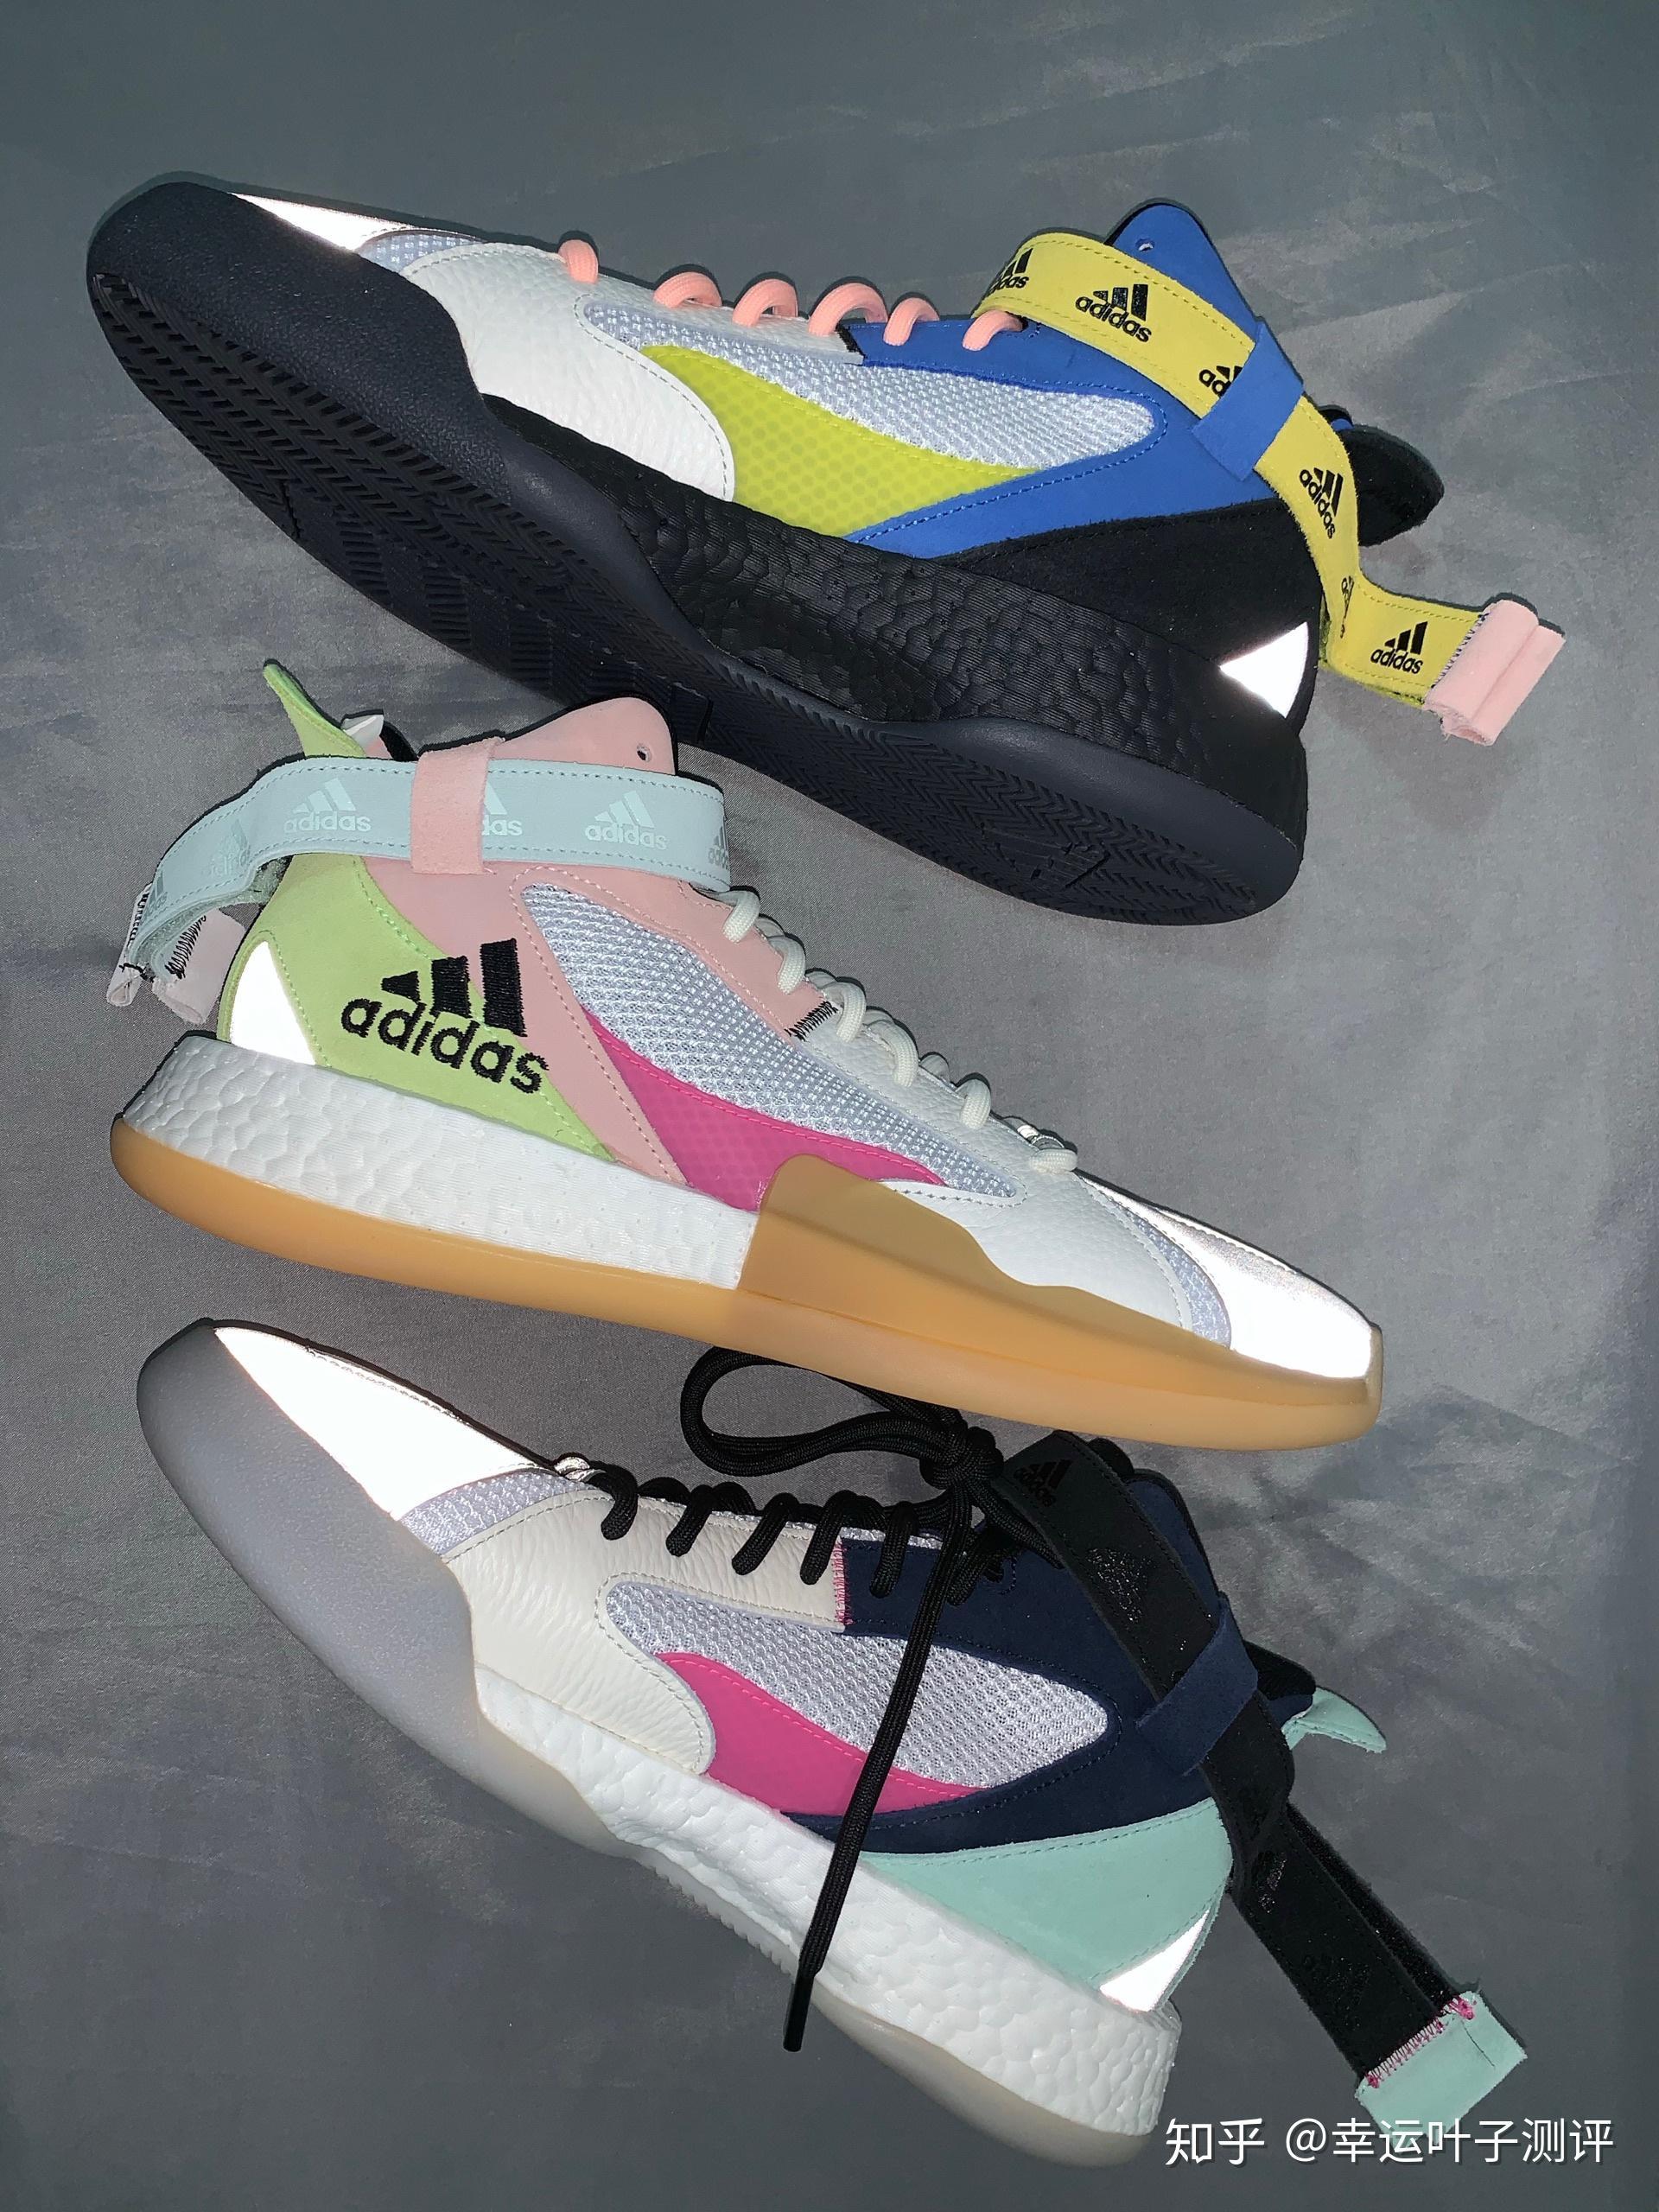 适合压马路的篮球鞋 压马路最帅的篮球鞋